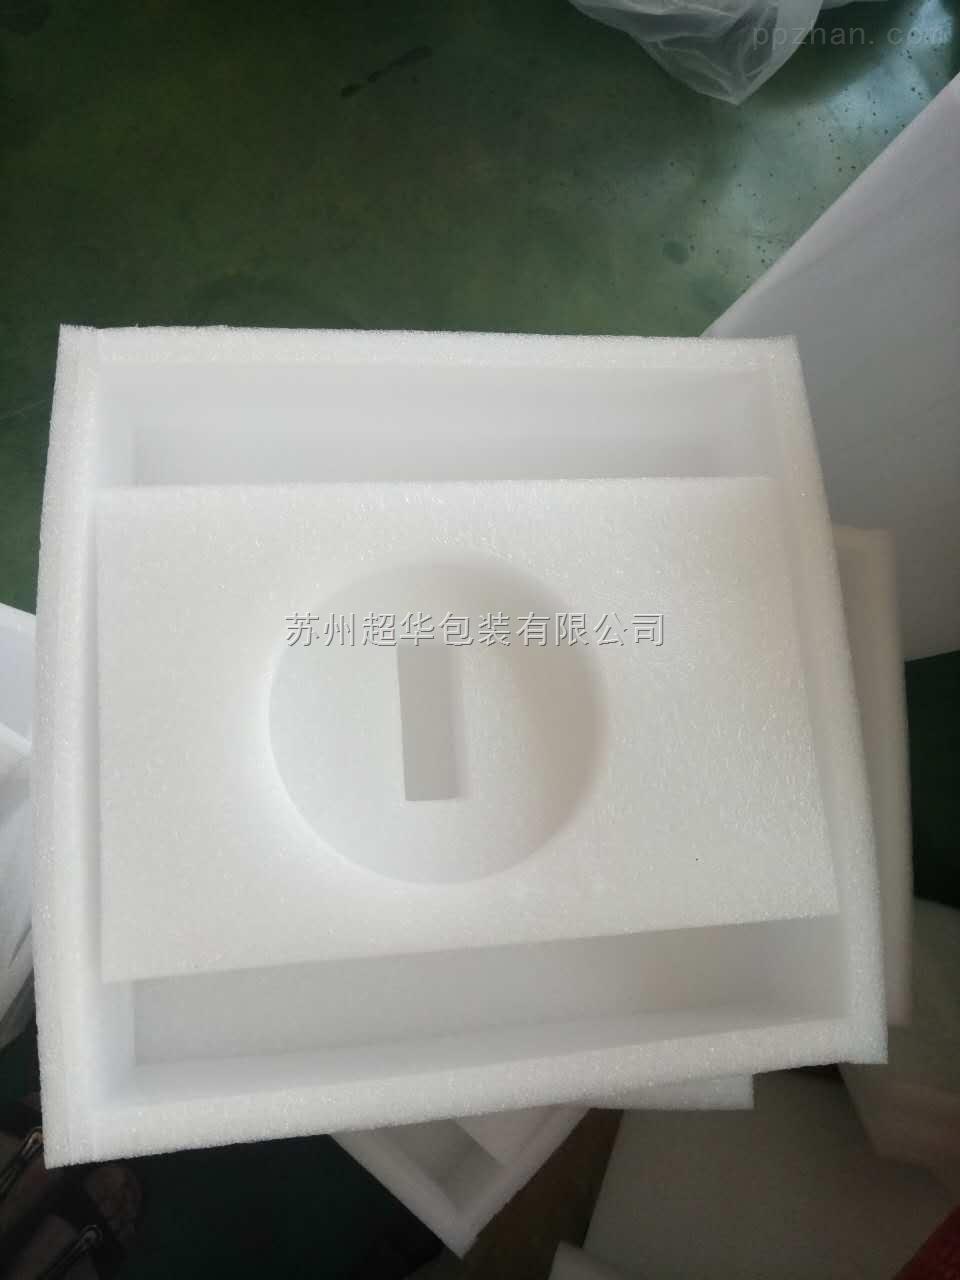 苏州超华专业生产珍珠棉包装 价格实惠 贴心服务